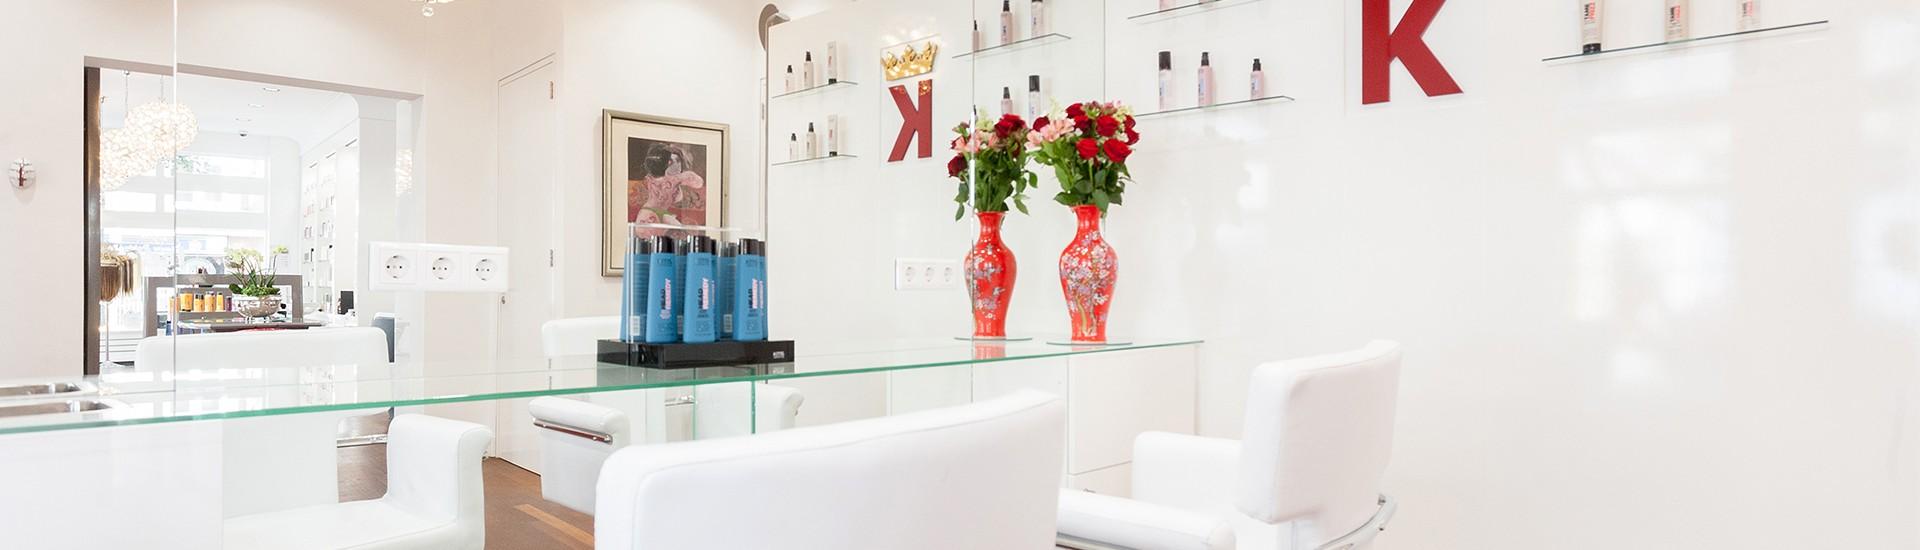 Kbal-hairstylist-Kapsalon-Amsterdam-Kapperstoel-en-spiegels